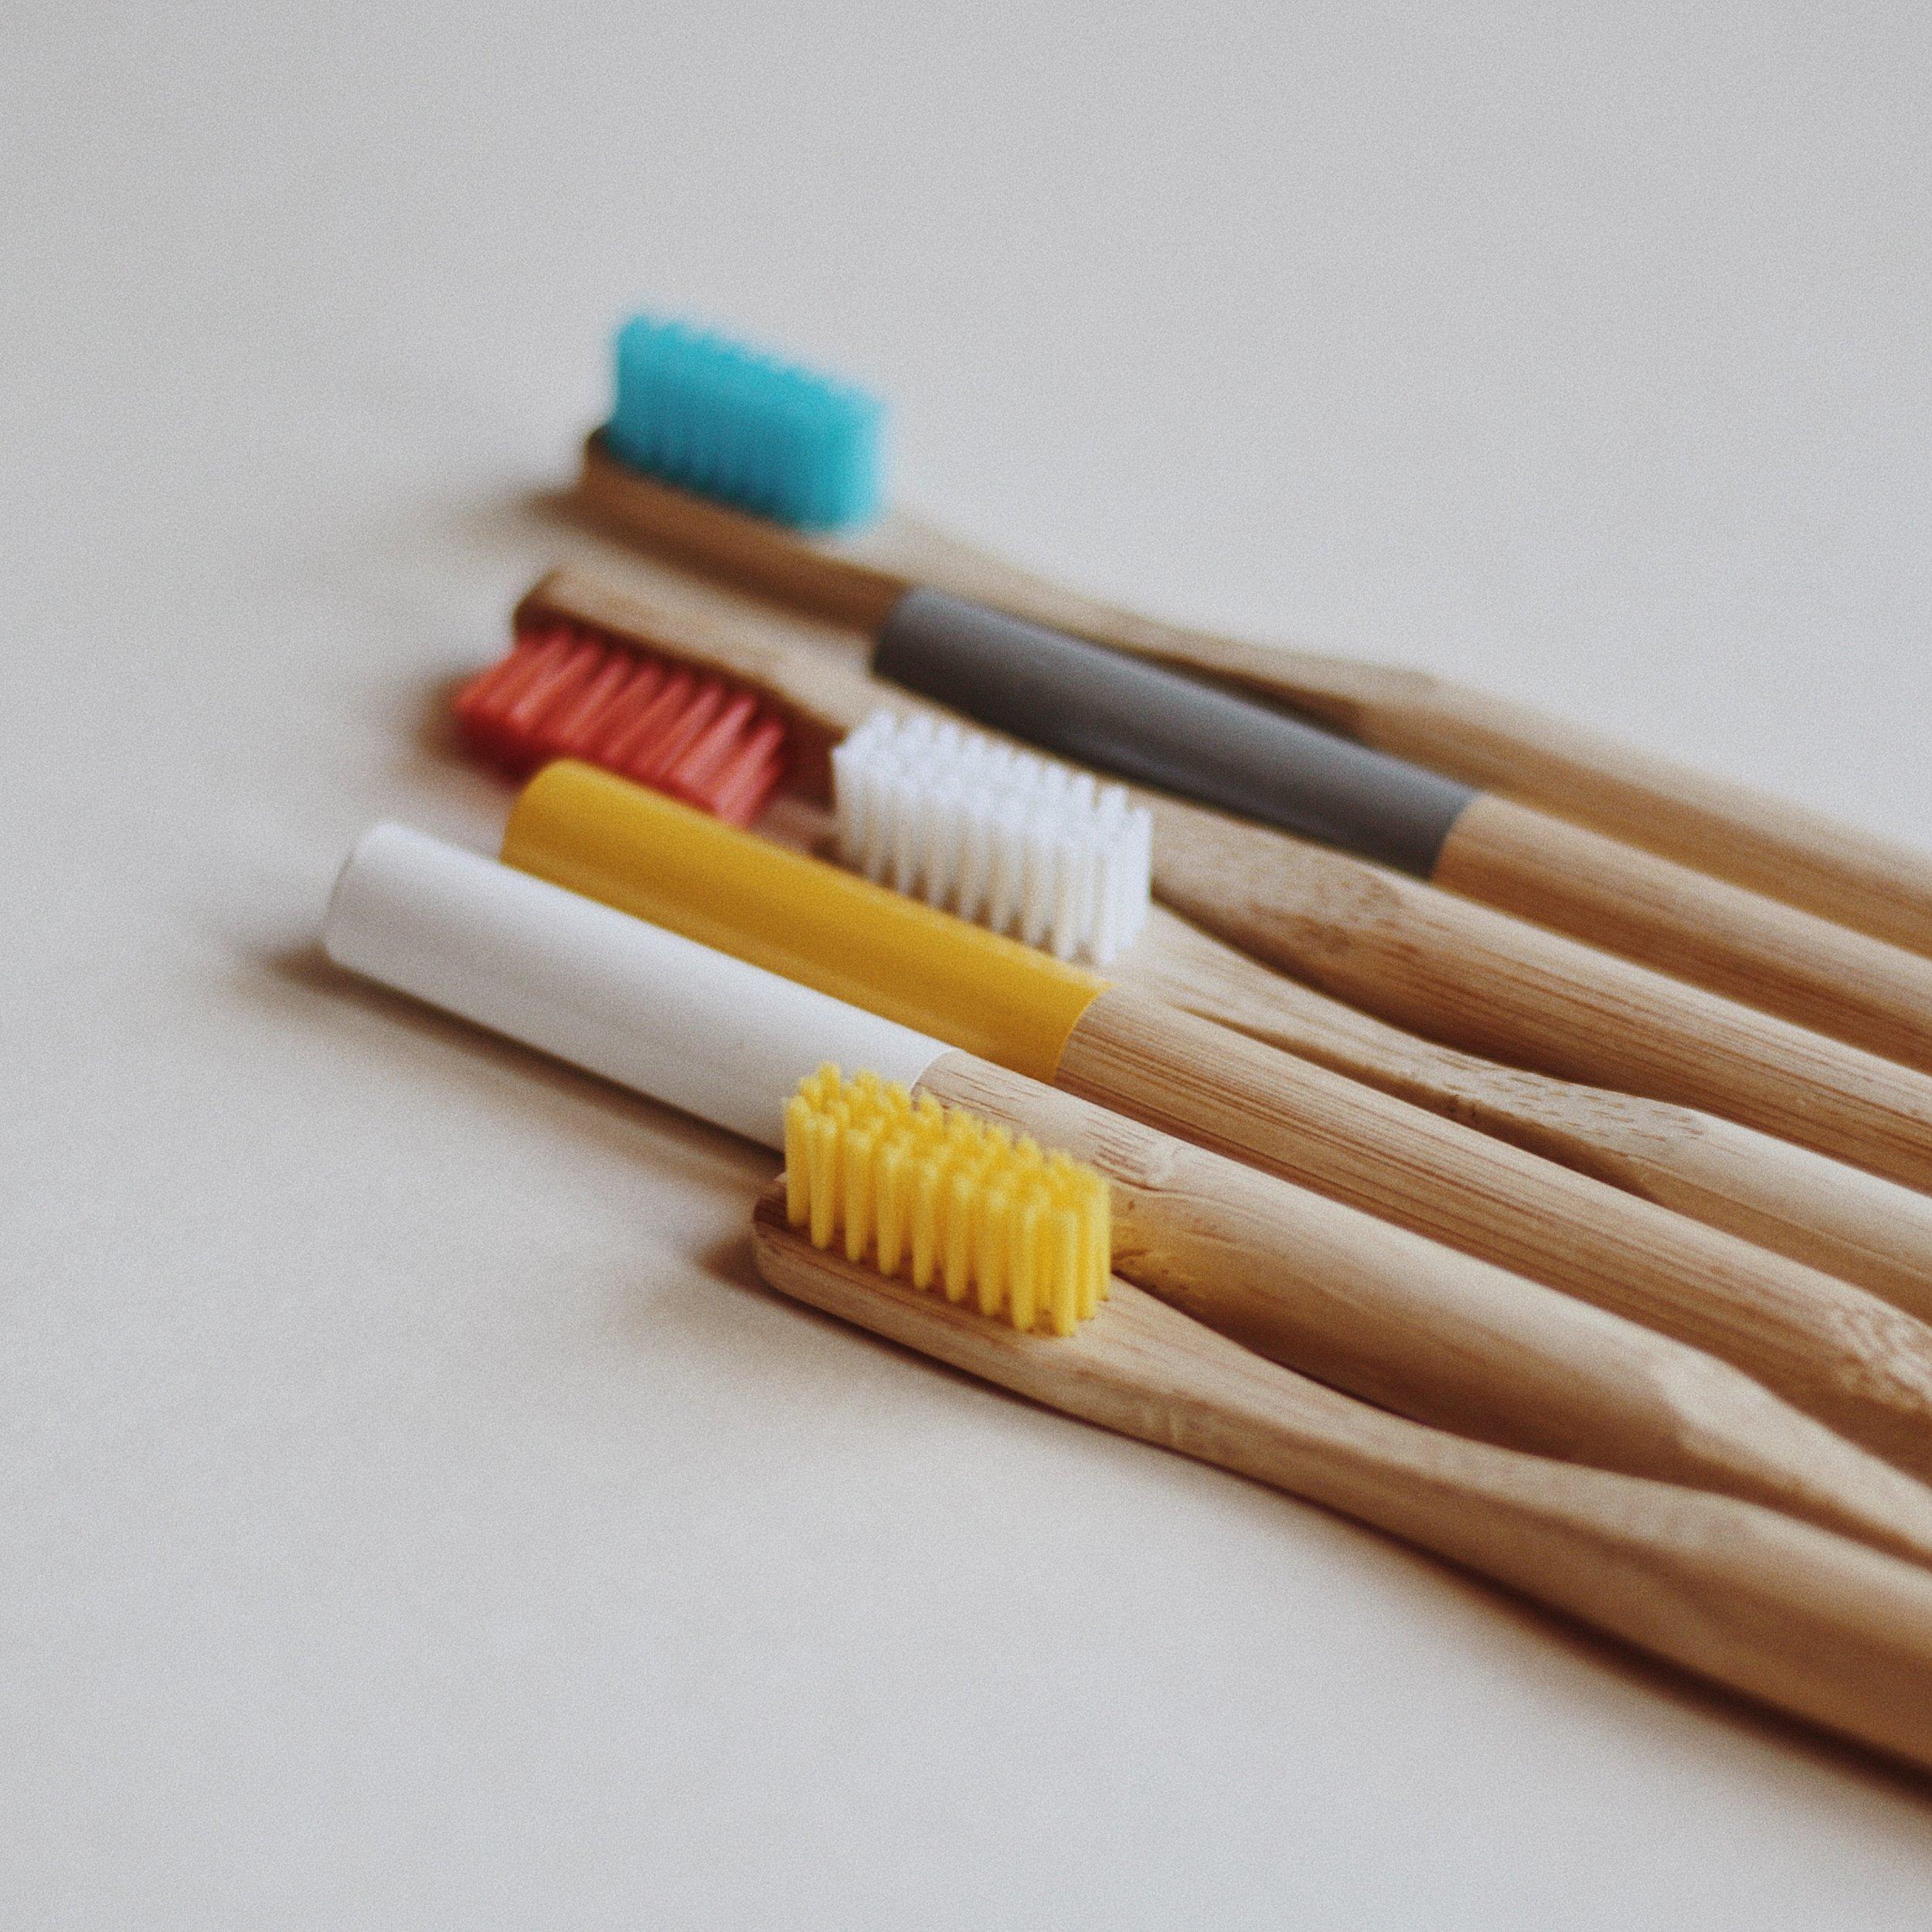 Optez pour une brosse à dents biodégradable plutôt qu'une brosse à dents en plastique. - Bien qu'elle peut sembler banale, la brosse à dents se dégradant pendant plusieurs siècles et pollue la terre. Ne laissez pas sur cette terre tous les brosses à dents que vous avez utilisées au cours de votre vie détruire notre environnement.